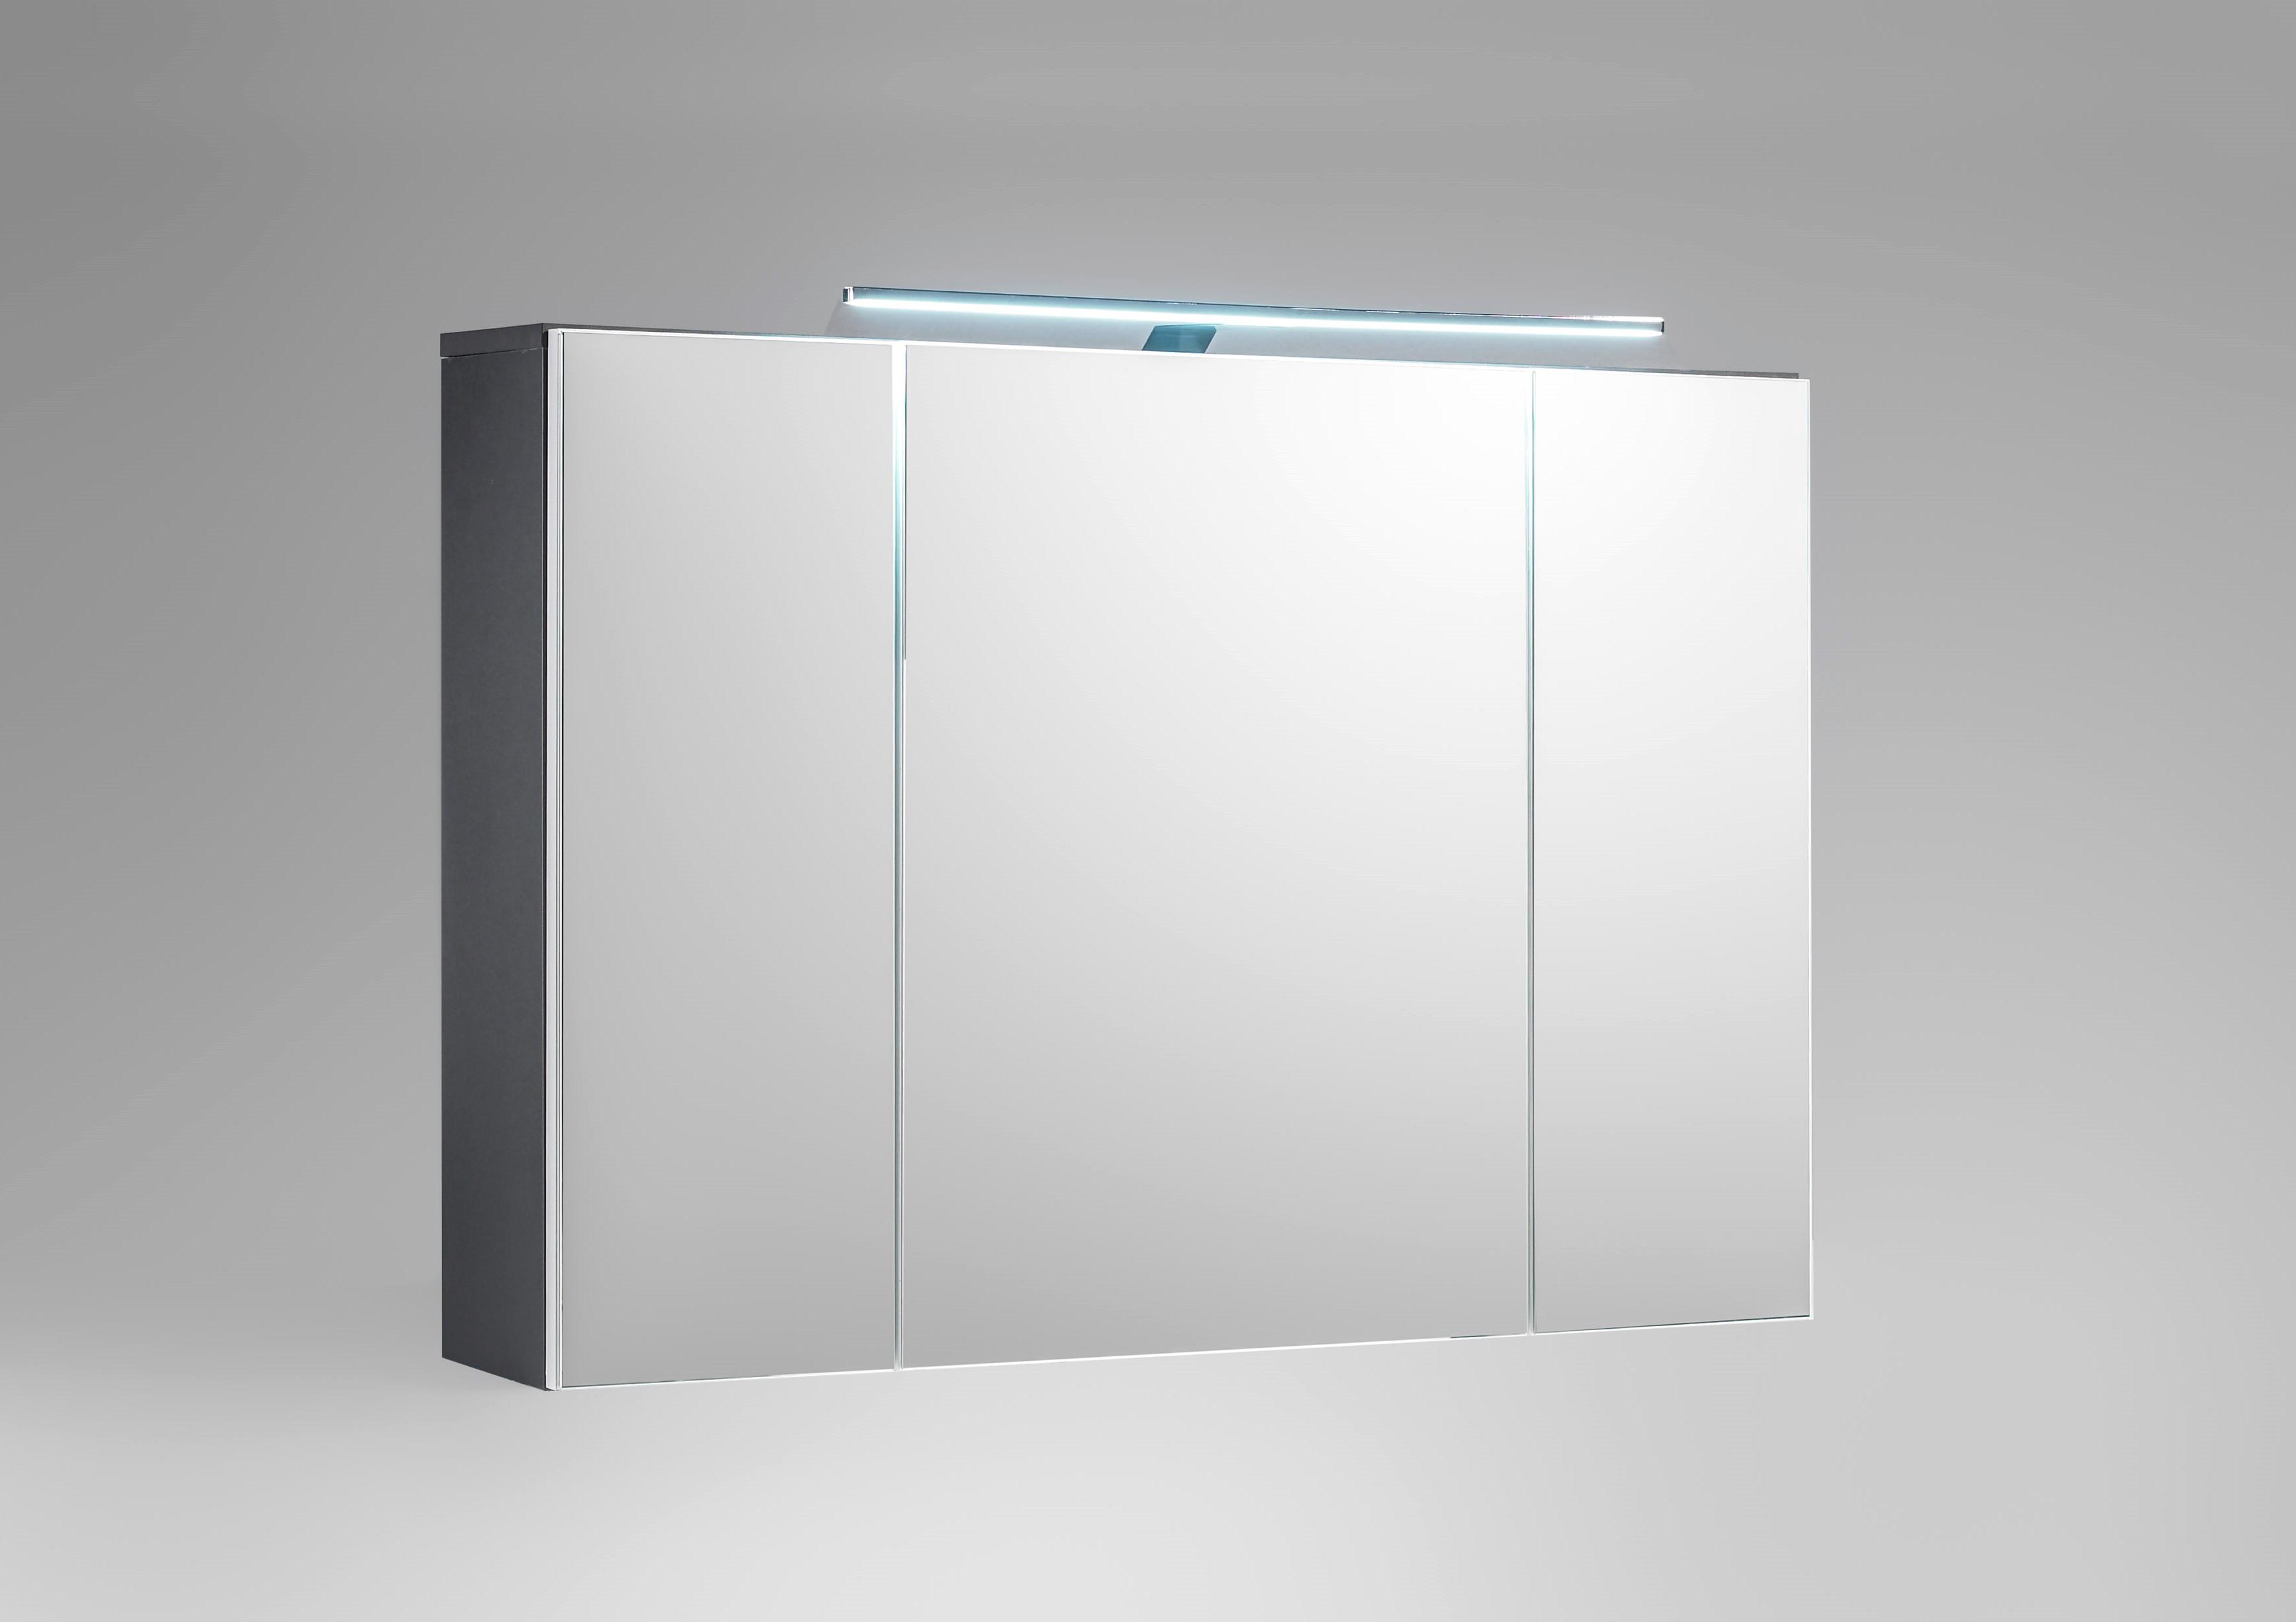 Badezimmer-Set 2 tlg MANHATTAN von Bega Weiss HG / Grau